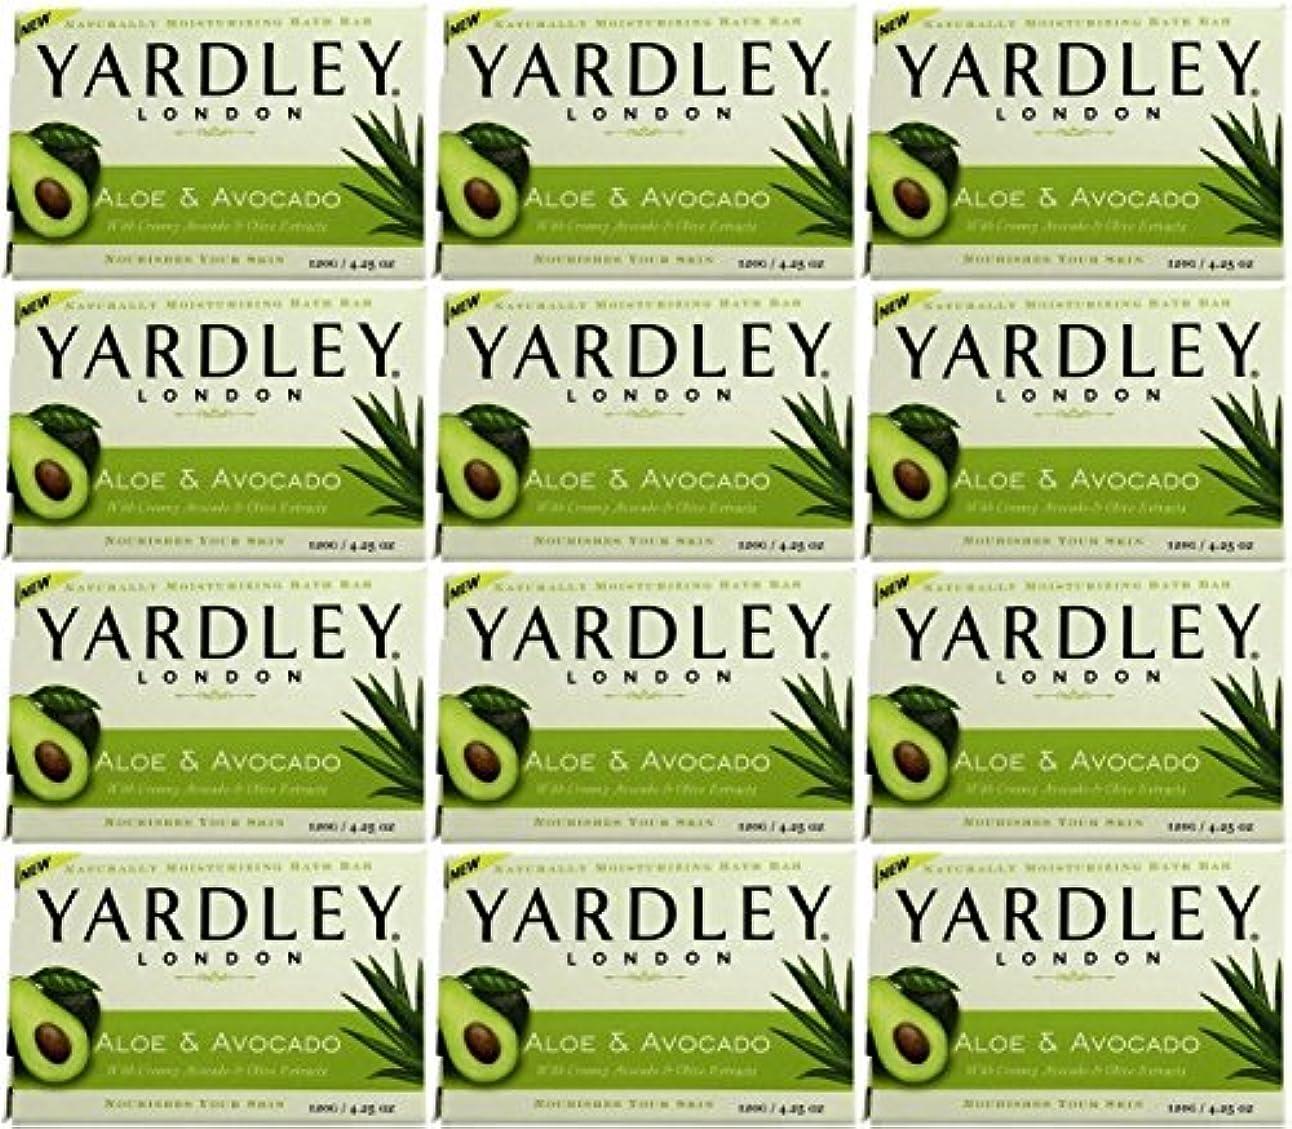 ロゴ要旨こしょうYardley ロンドンアロエアボカド当然のことながら保湿入浴バー4.25オズ(12パック) 12のパック ヌル